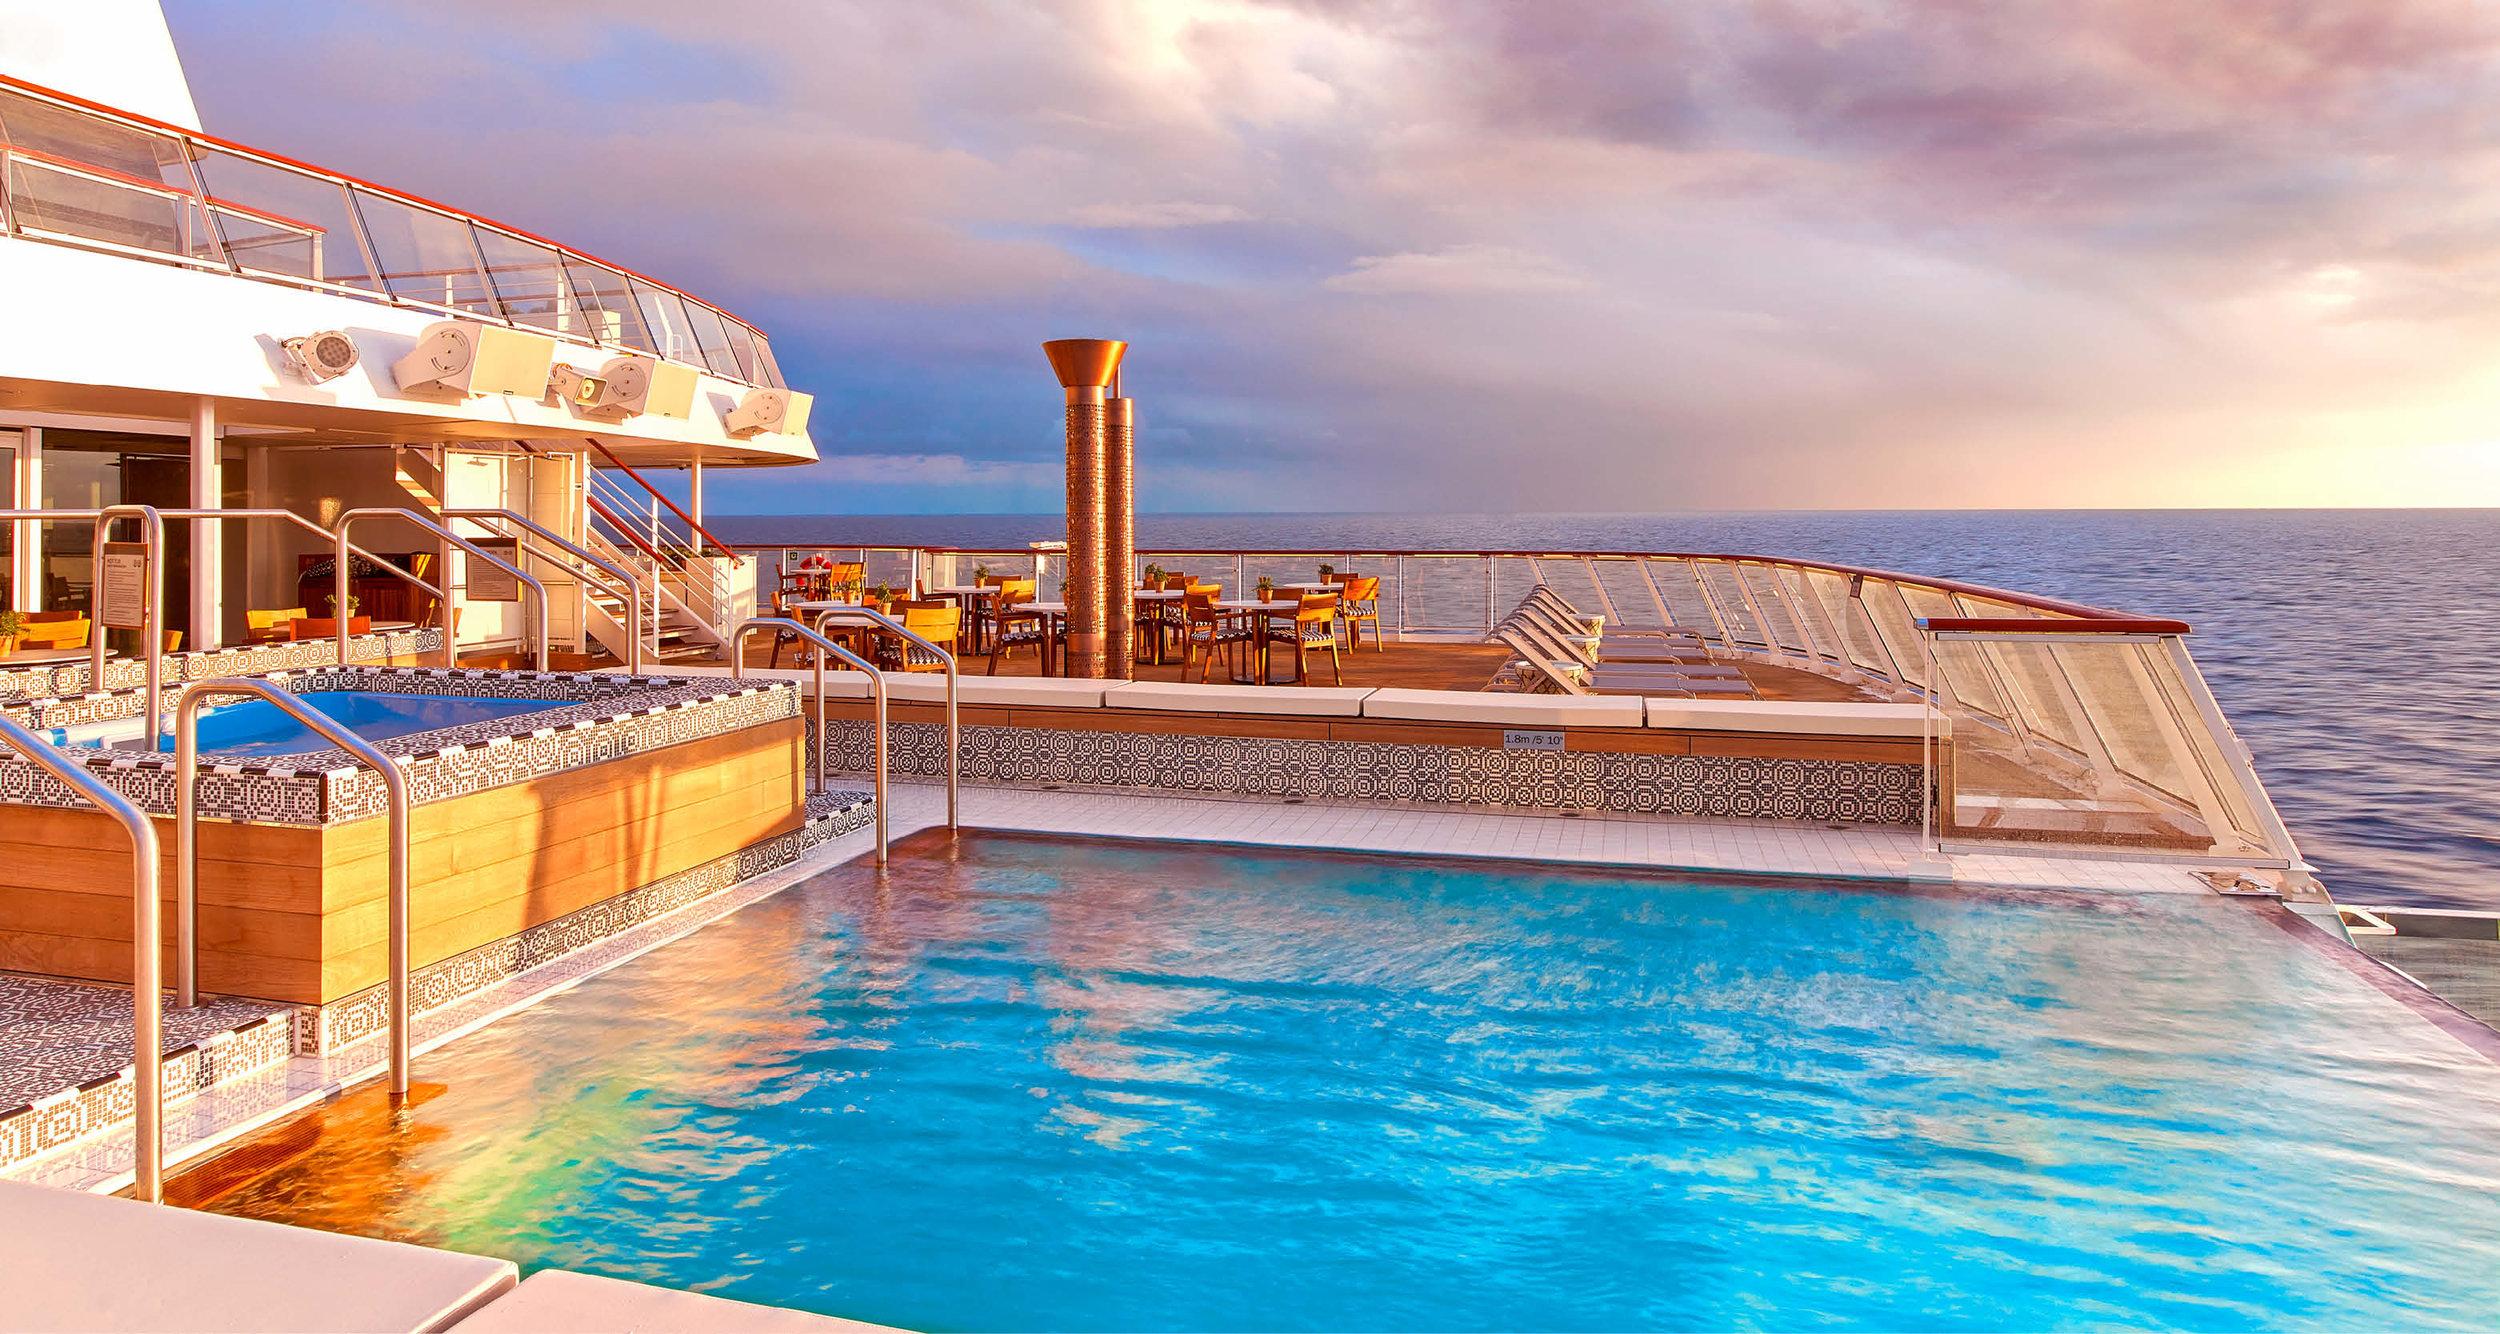 Dream-Maker-Travel-Ship-Viking-Sky-Infinity-Pool.jpg